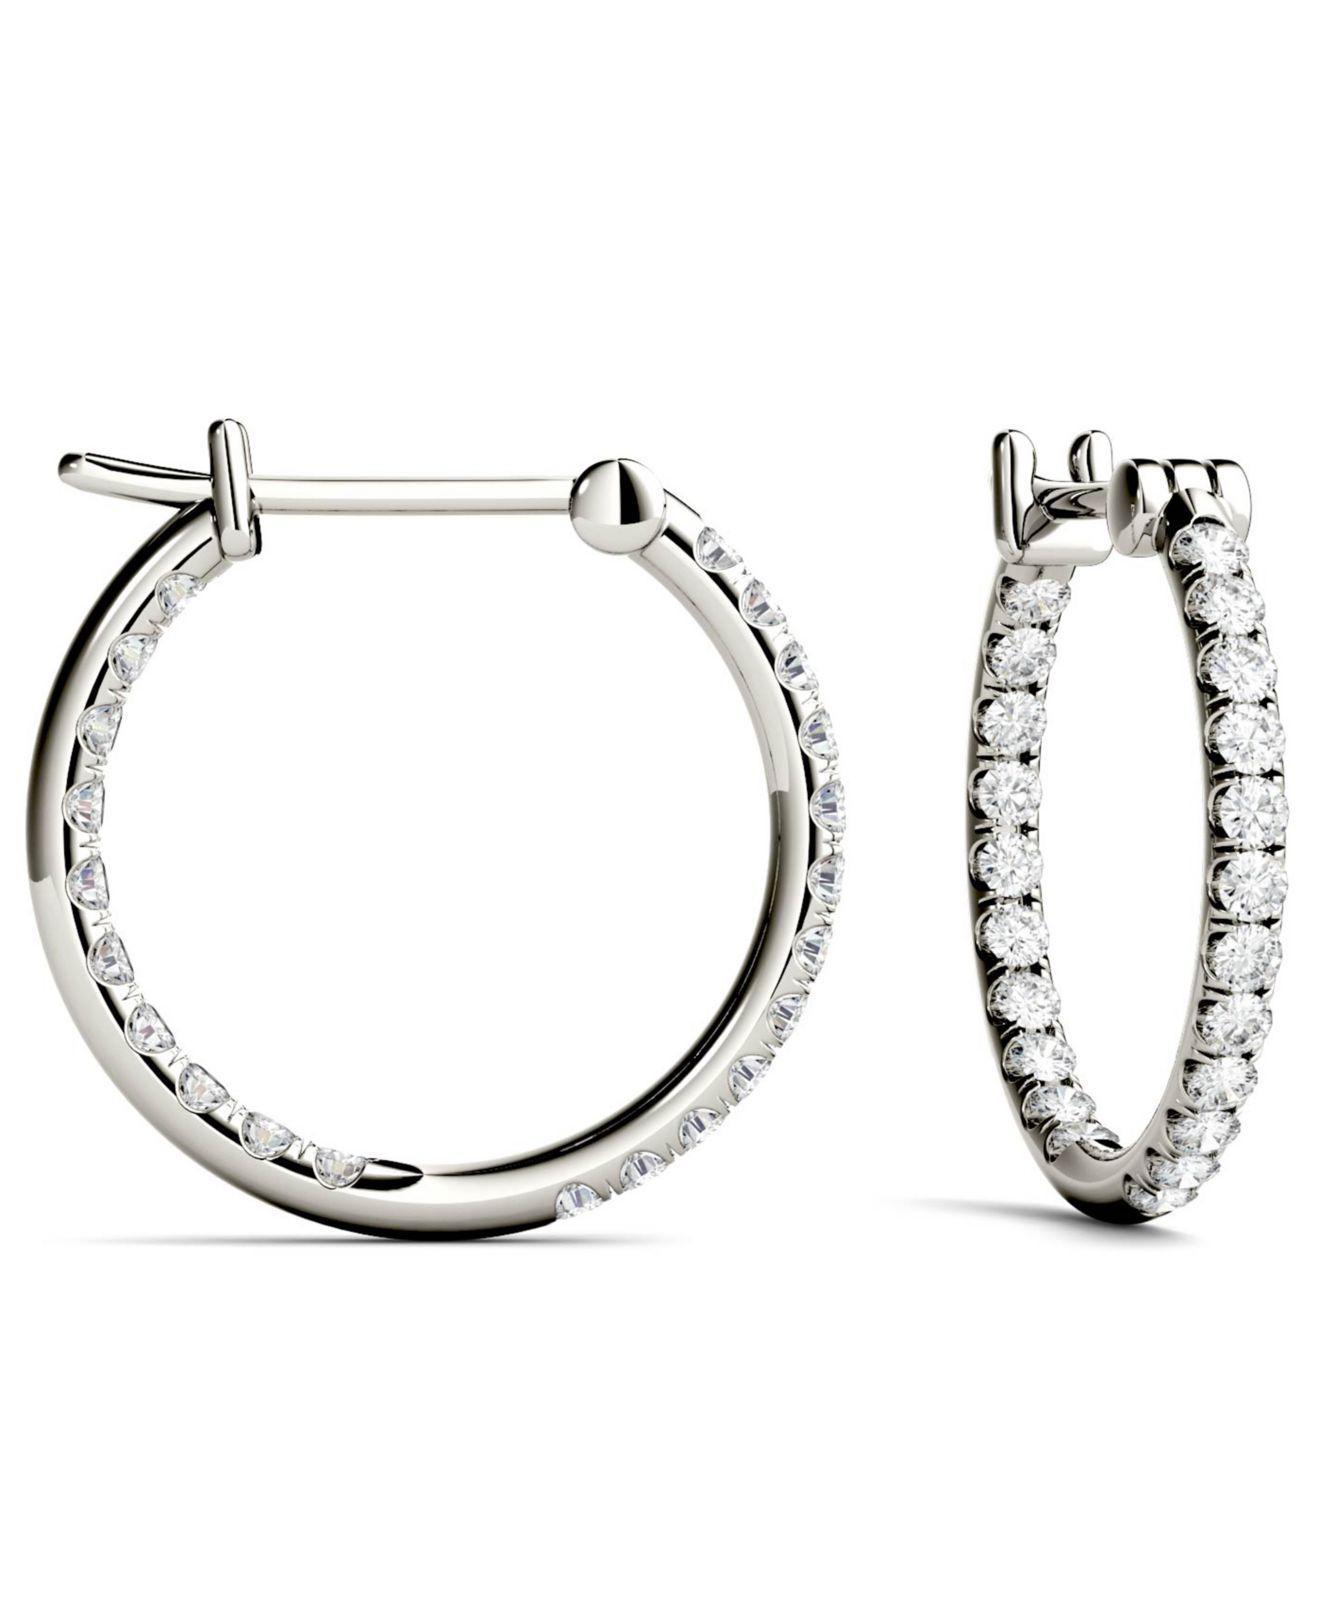 Lyst Charles Colvard Moissanite Hoop Earrings 3 8 Ct T W Diamond Equivalent In 14k White Gold Metallic